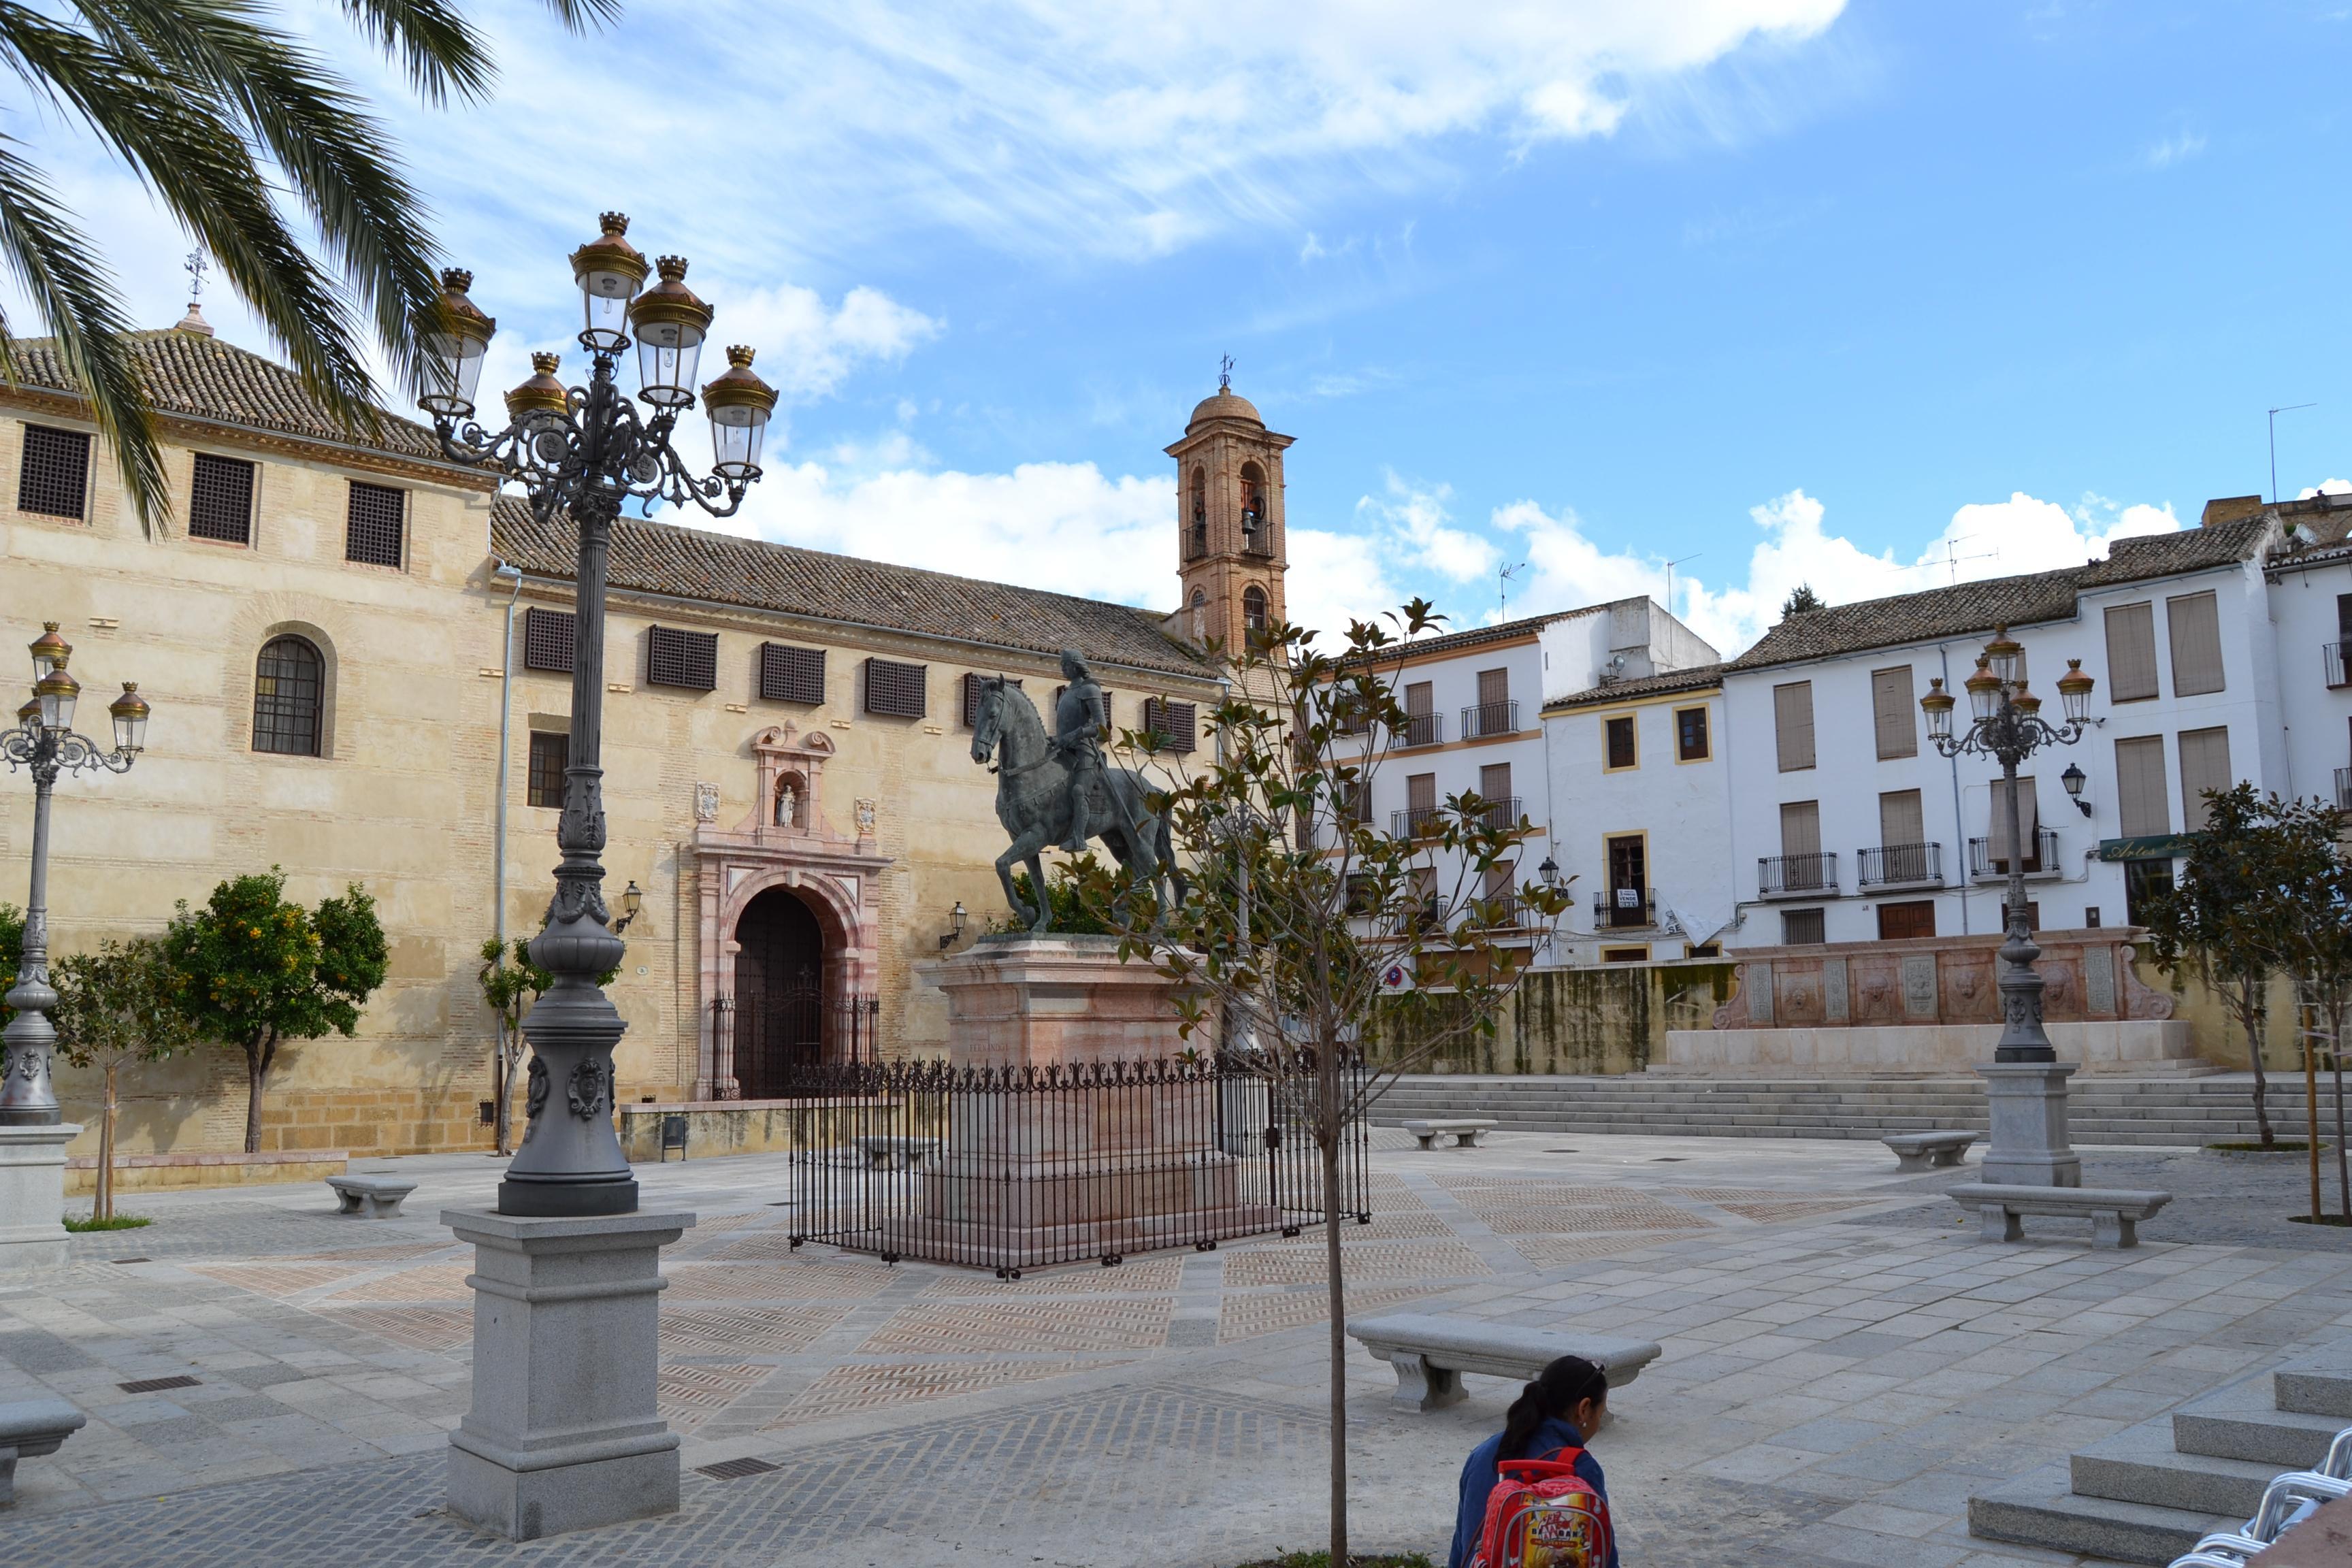 Plaza del Coso Viejo